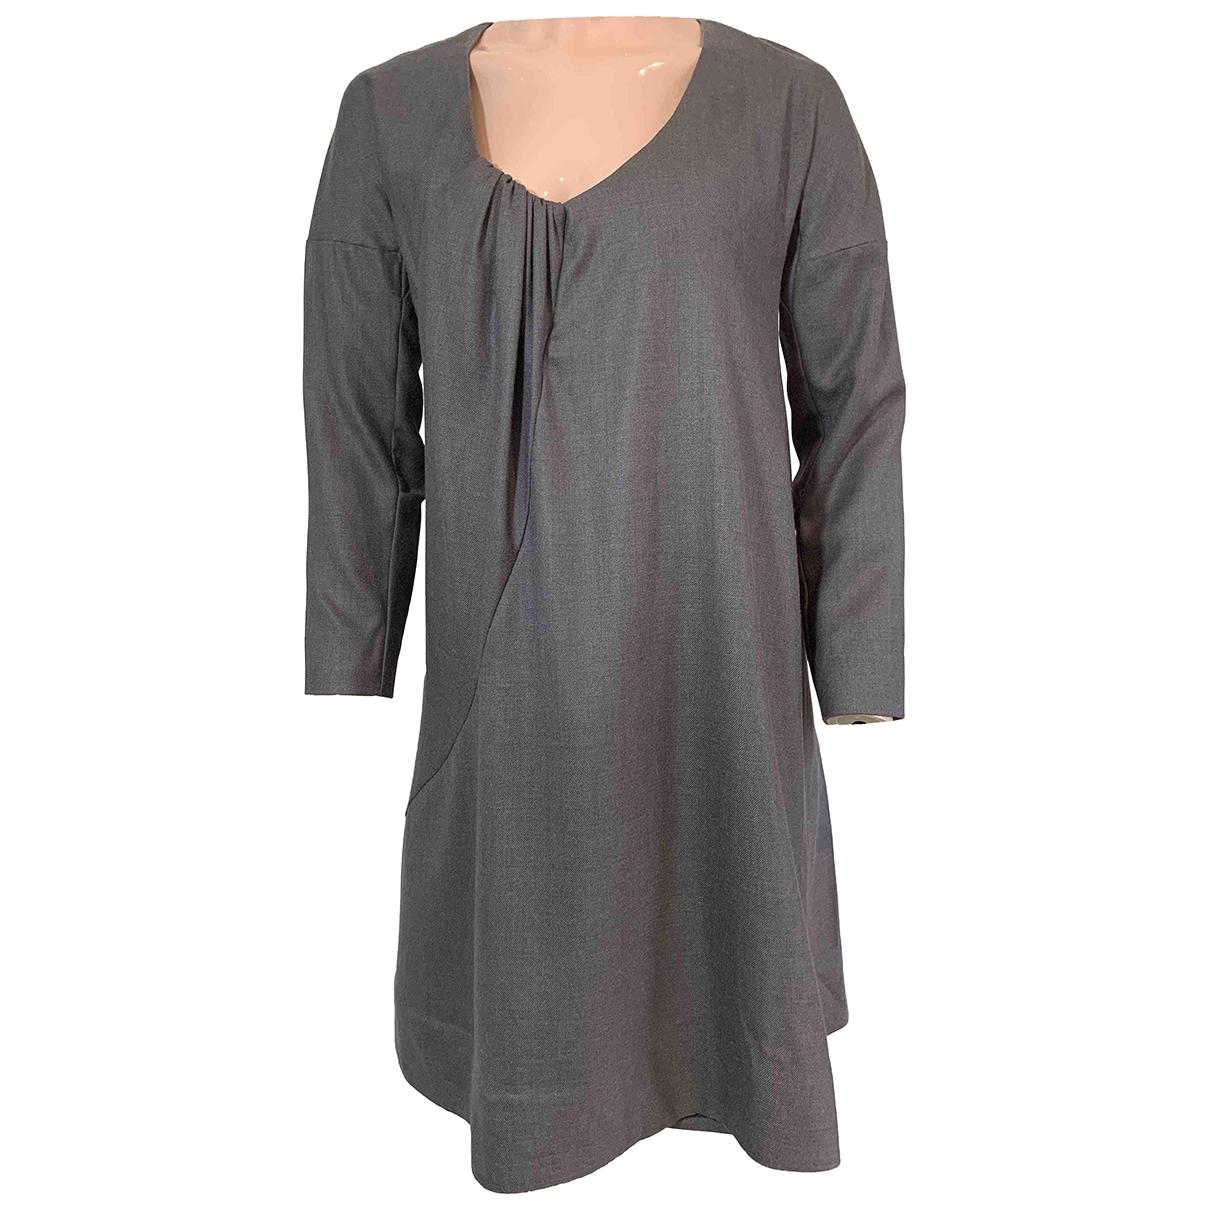 Chloe \N Kleid in  Grau Wolle